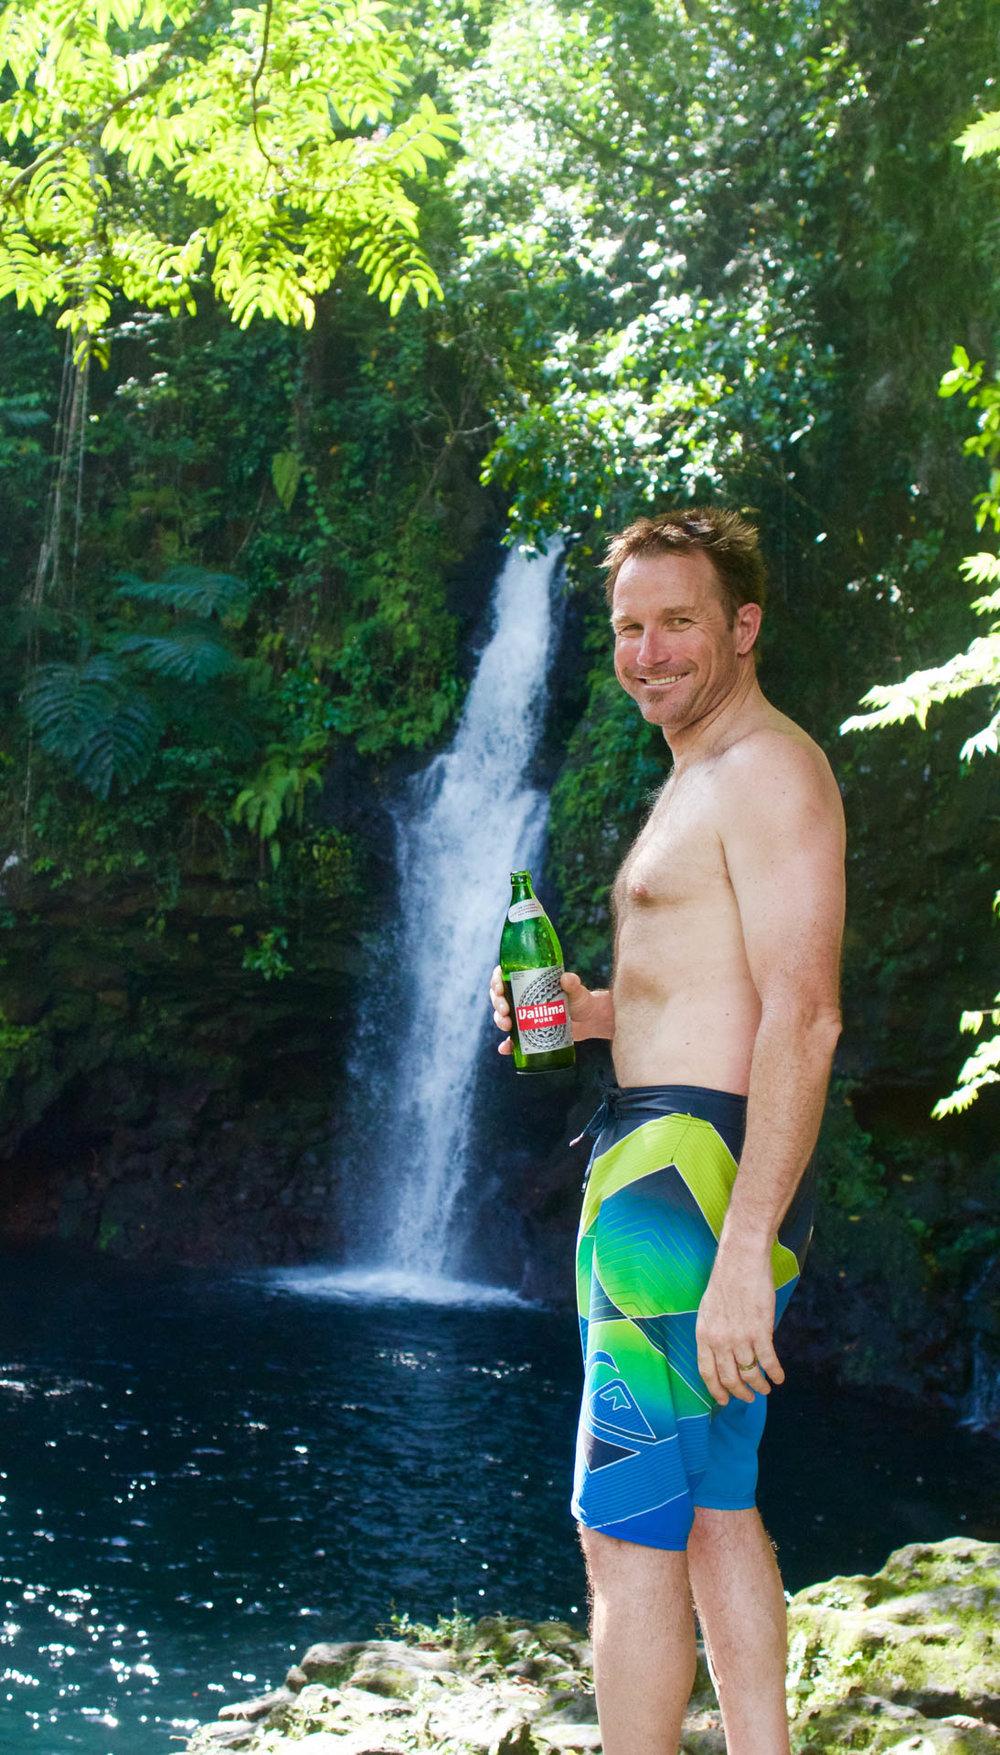 Beer + Waterfall = Happy